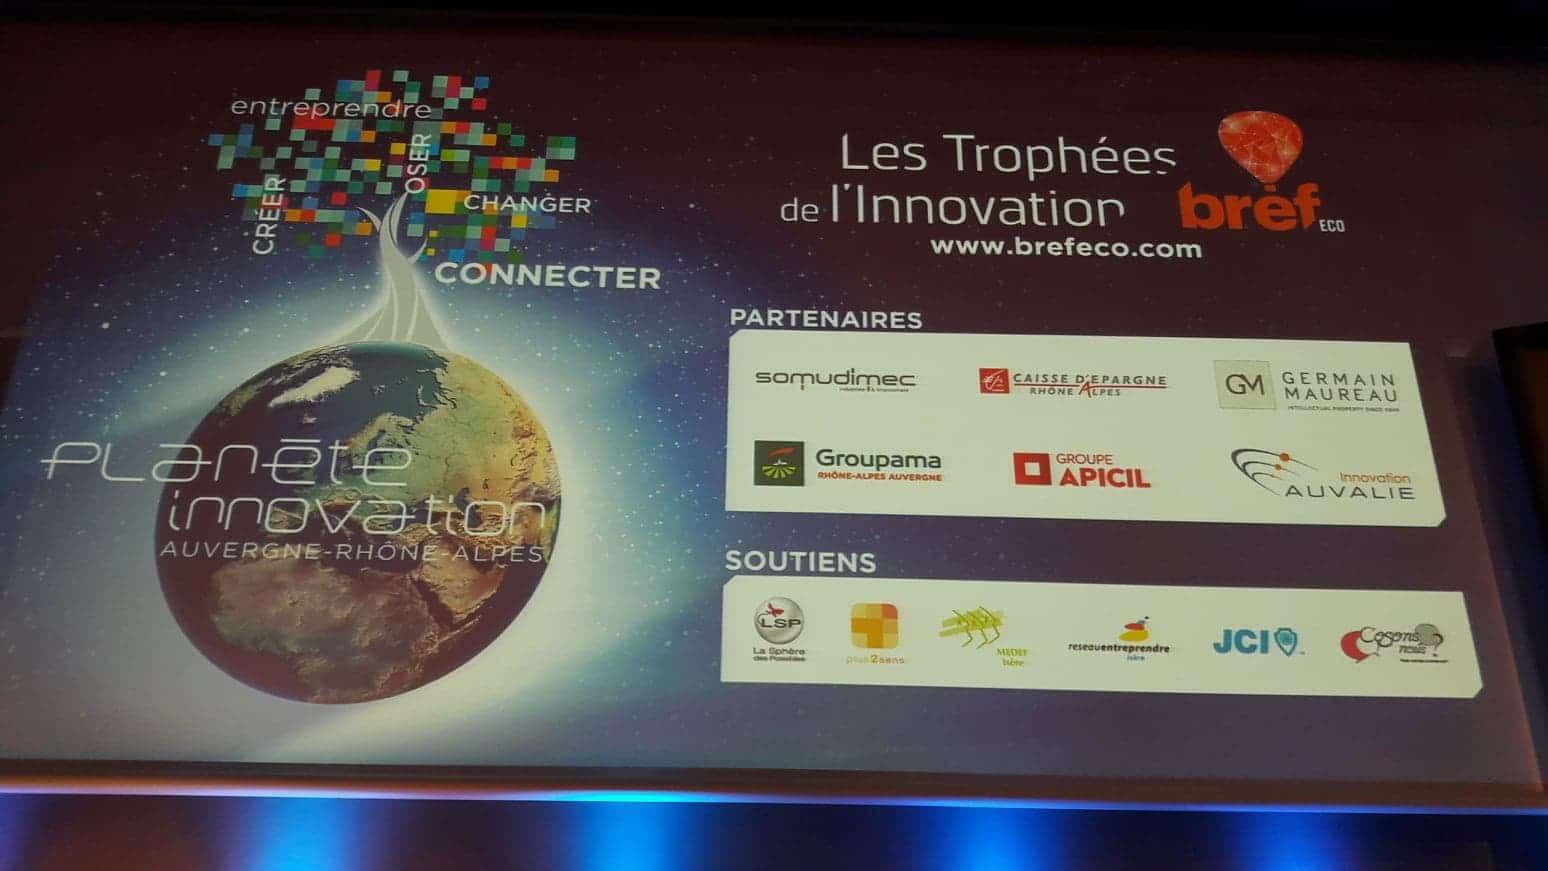 Trophées de l'innovation Eref Eco catégorie jeune pousse